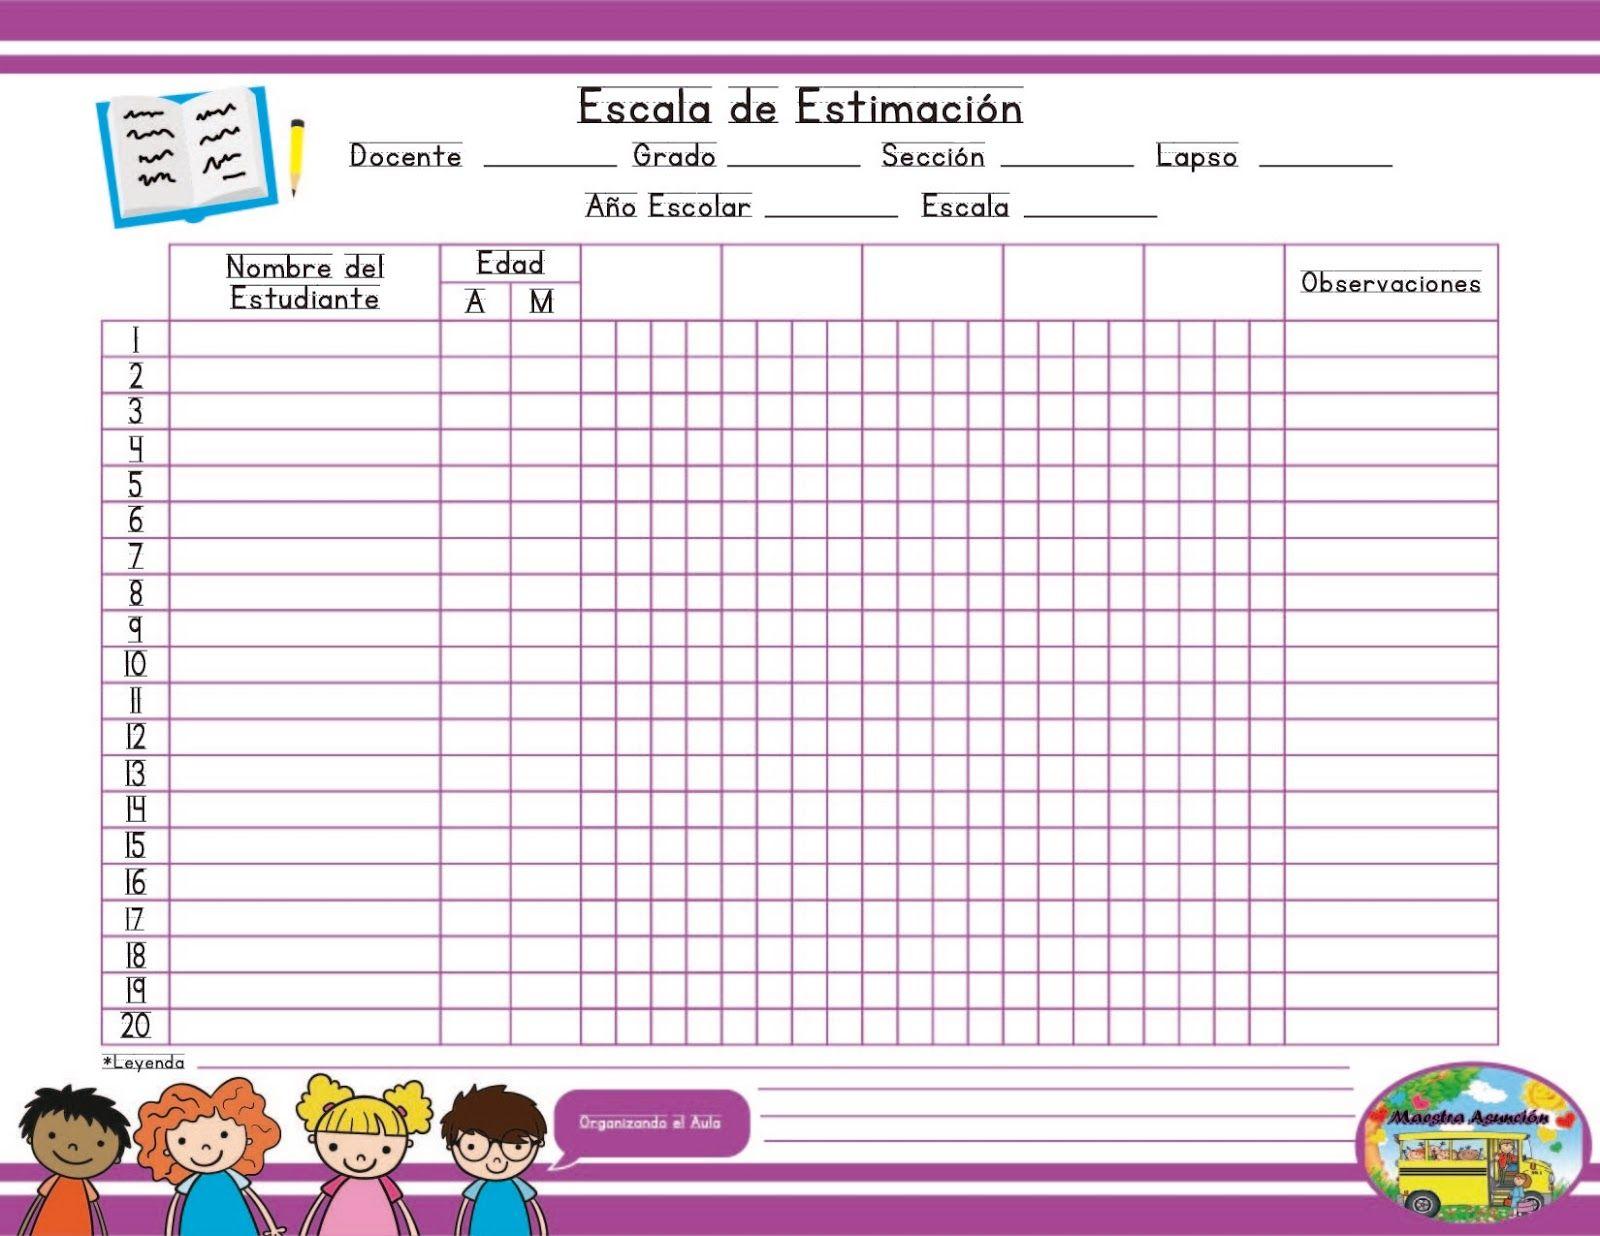 El Diagnóstico Pedagógico En Educación Primaria El Diagnóstico Pedagógico Representa Un Moment Educacion Primaria Educacion Preescolar Material Didactico